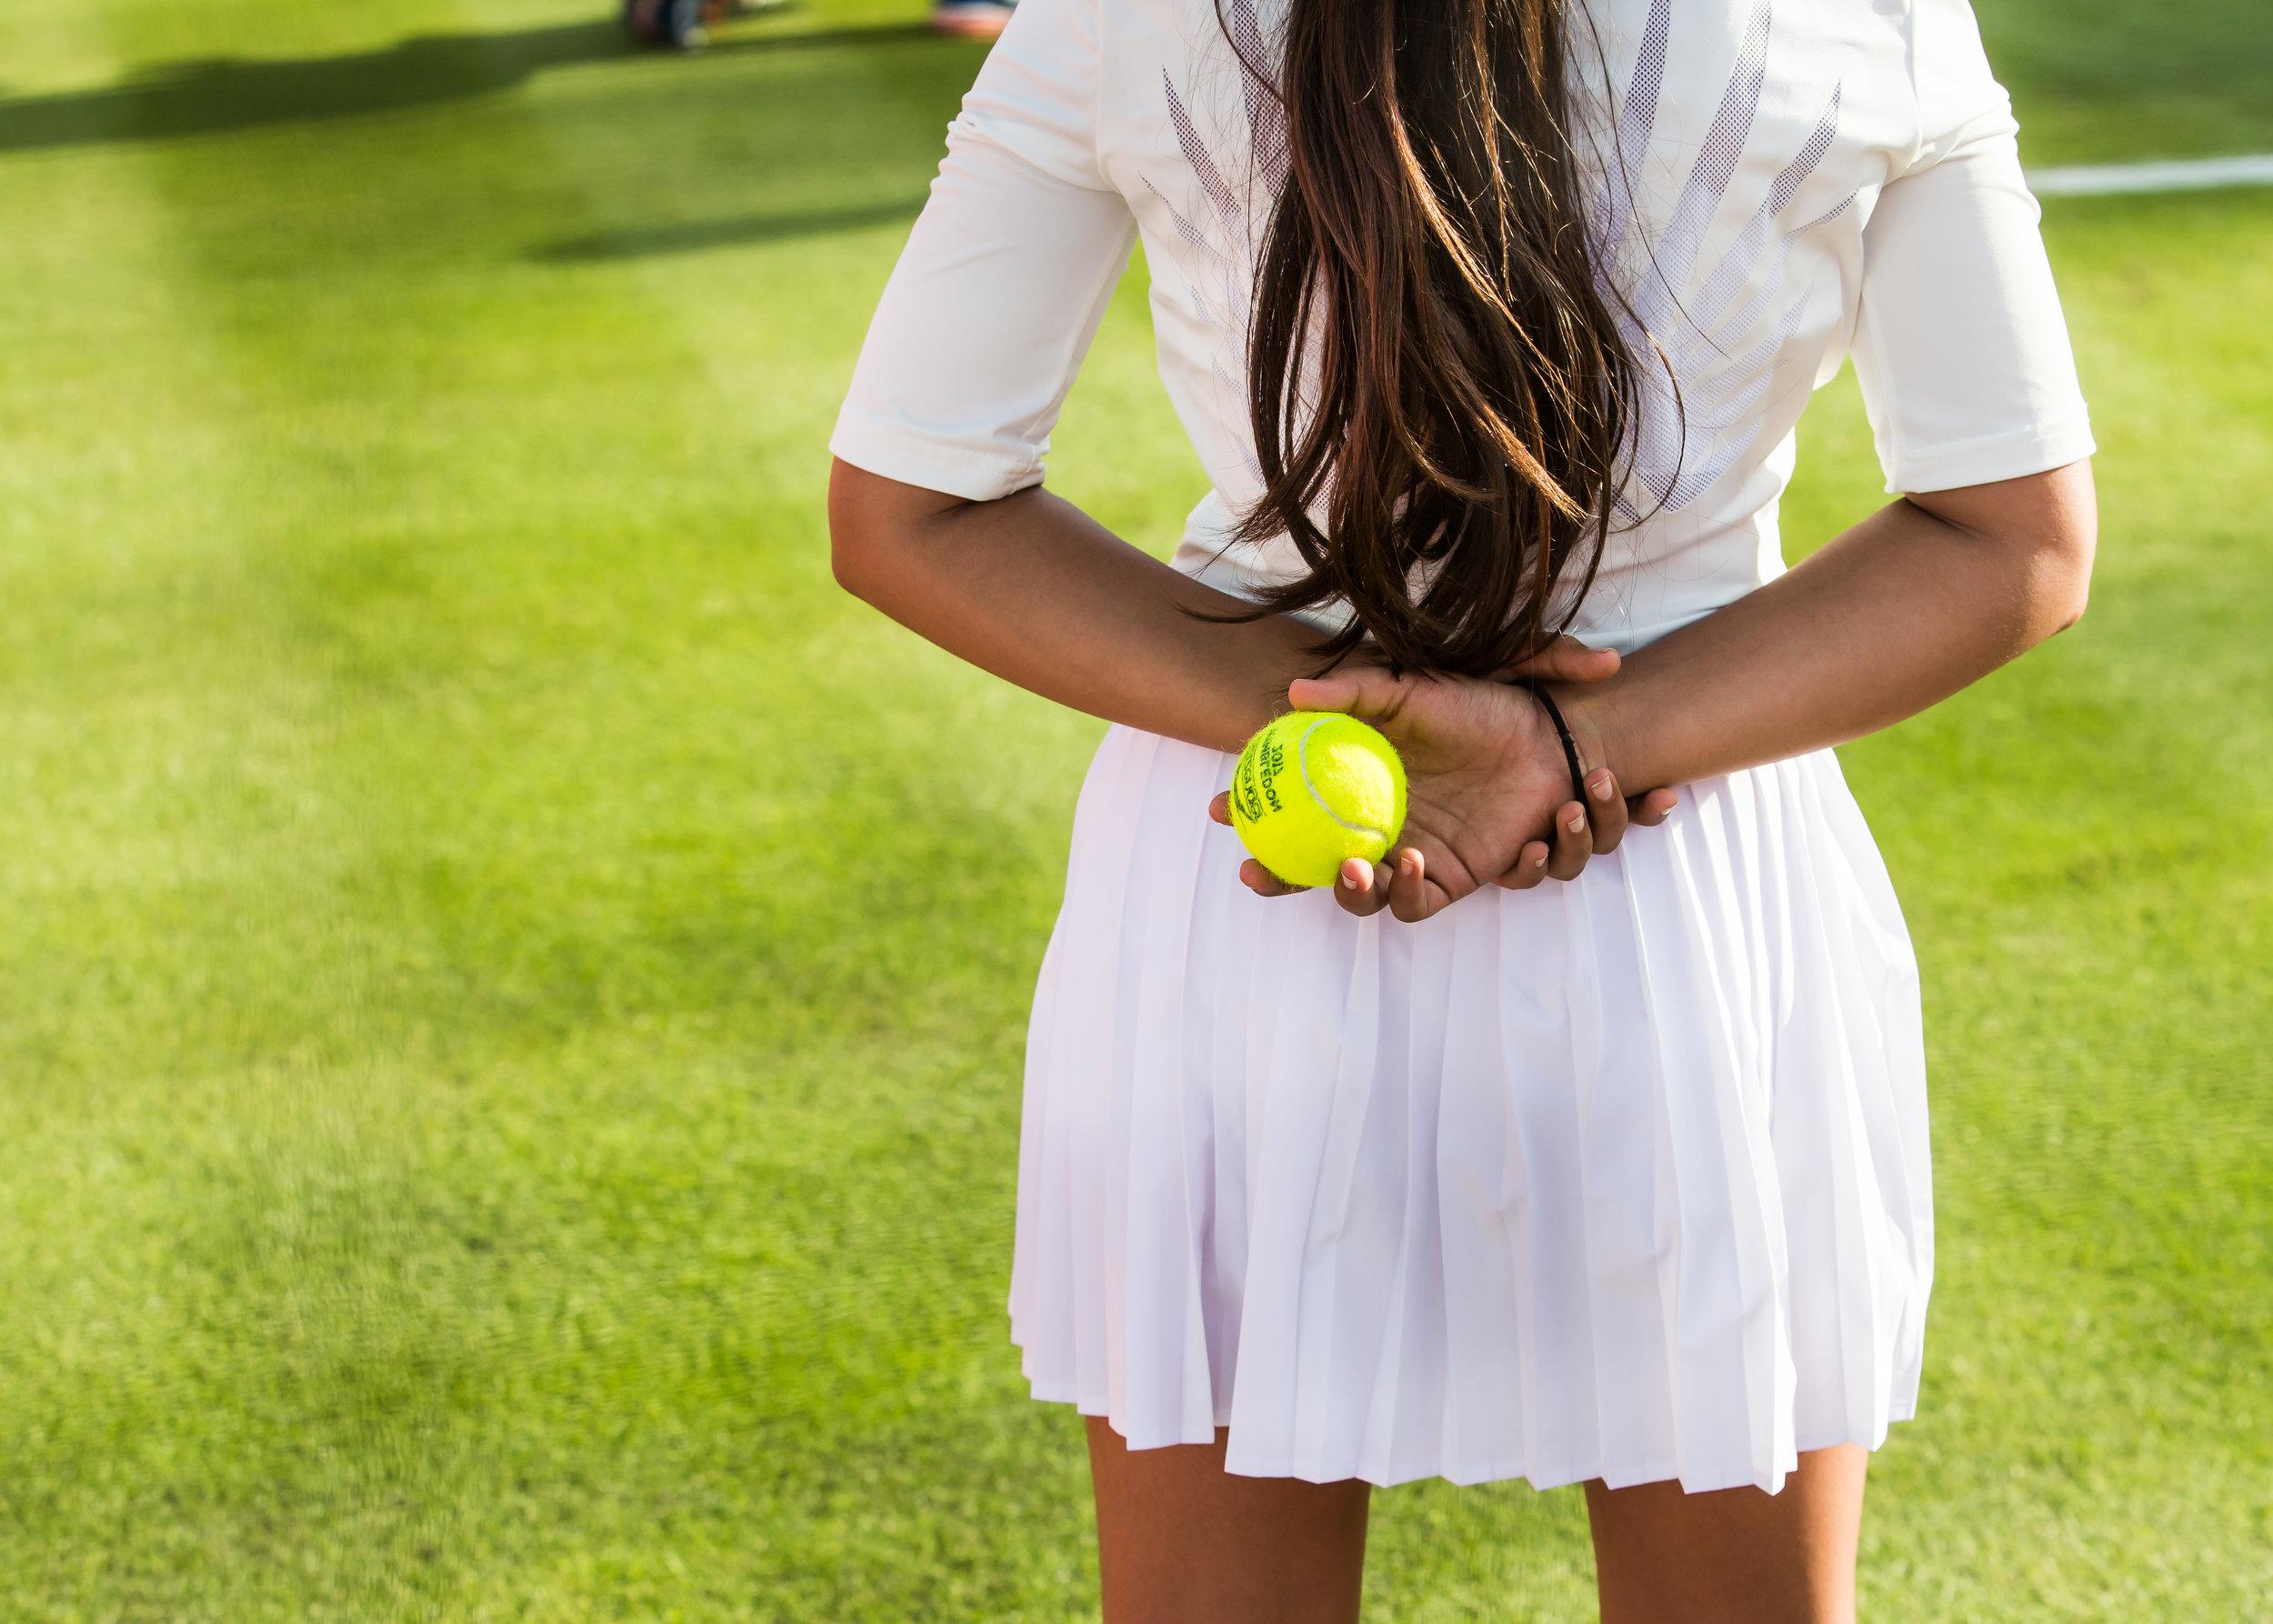 TDM_1517 - Aspall Tennis 2017 - Hurlingham Club - - IMG - Tom D Morgan - HIGH RES.jpg